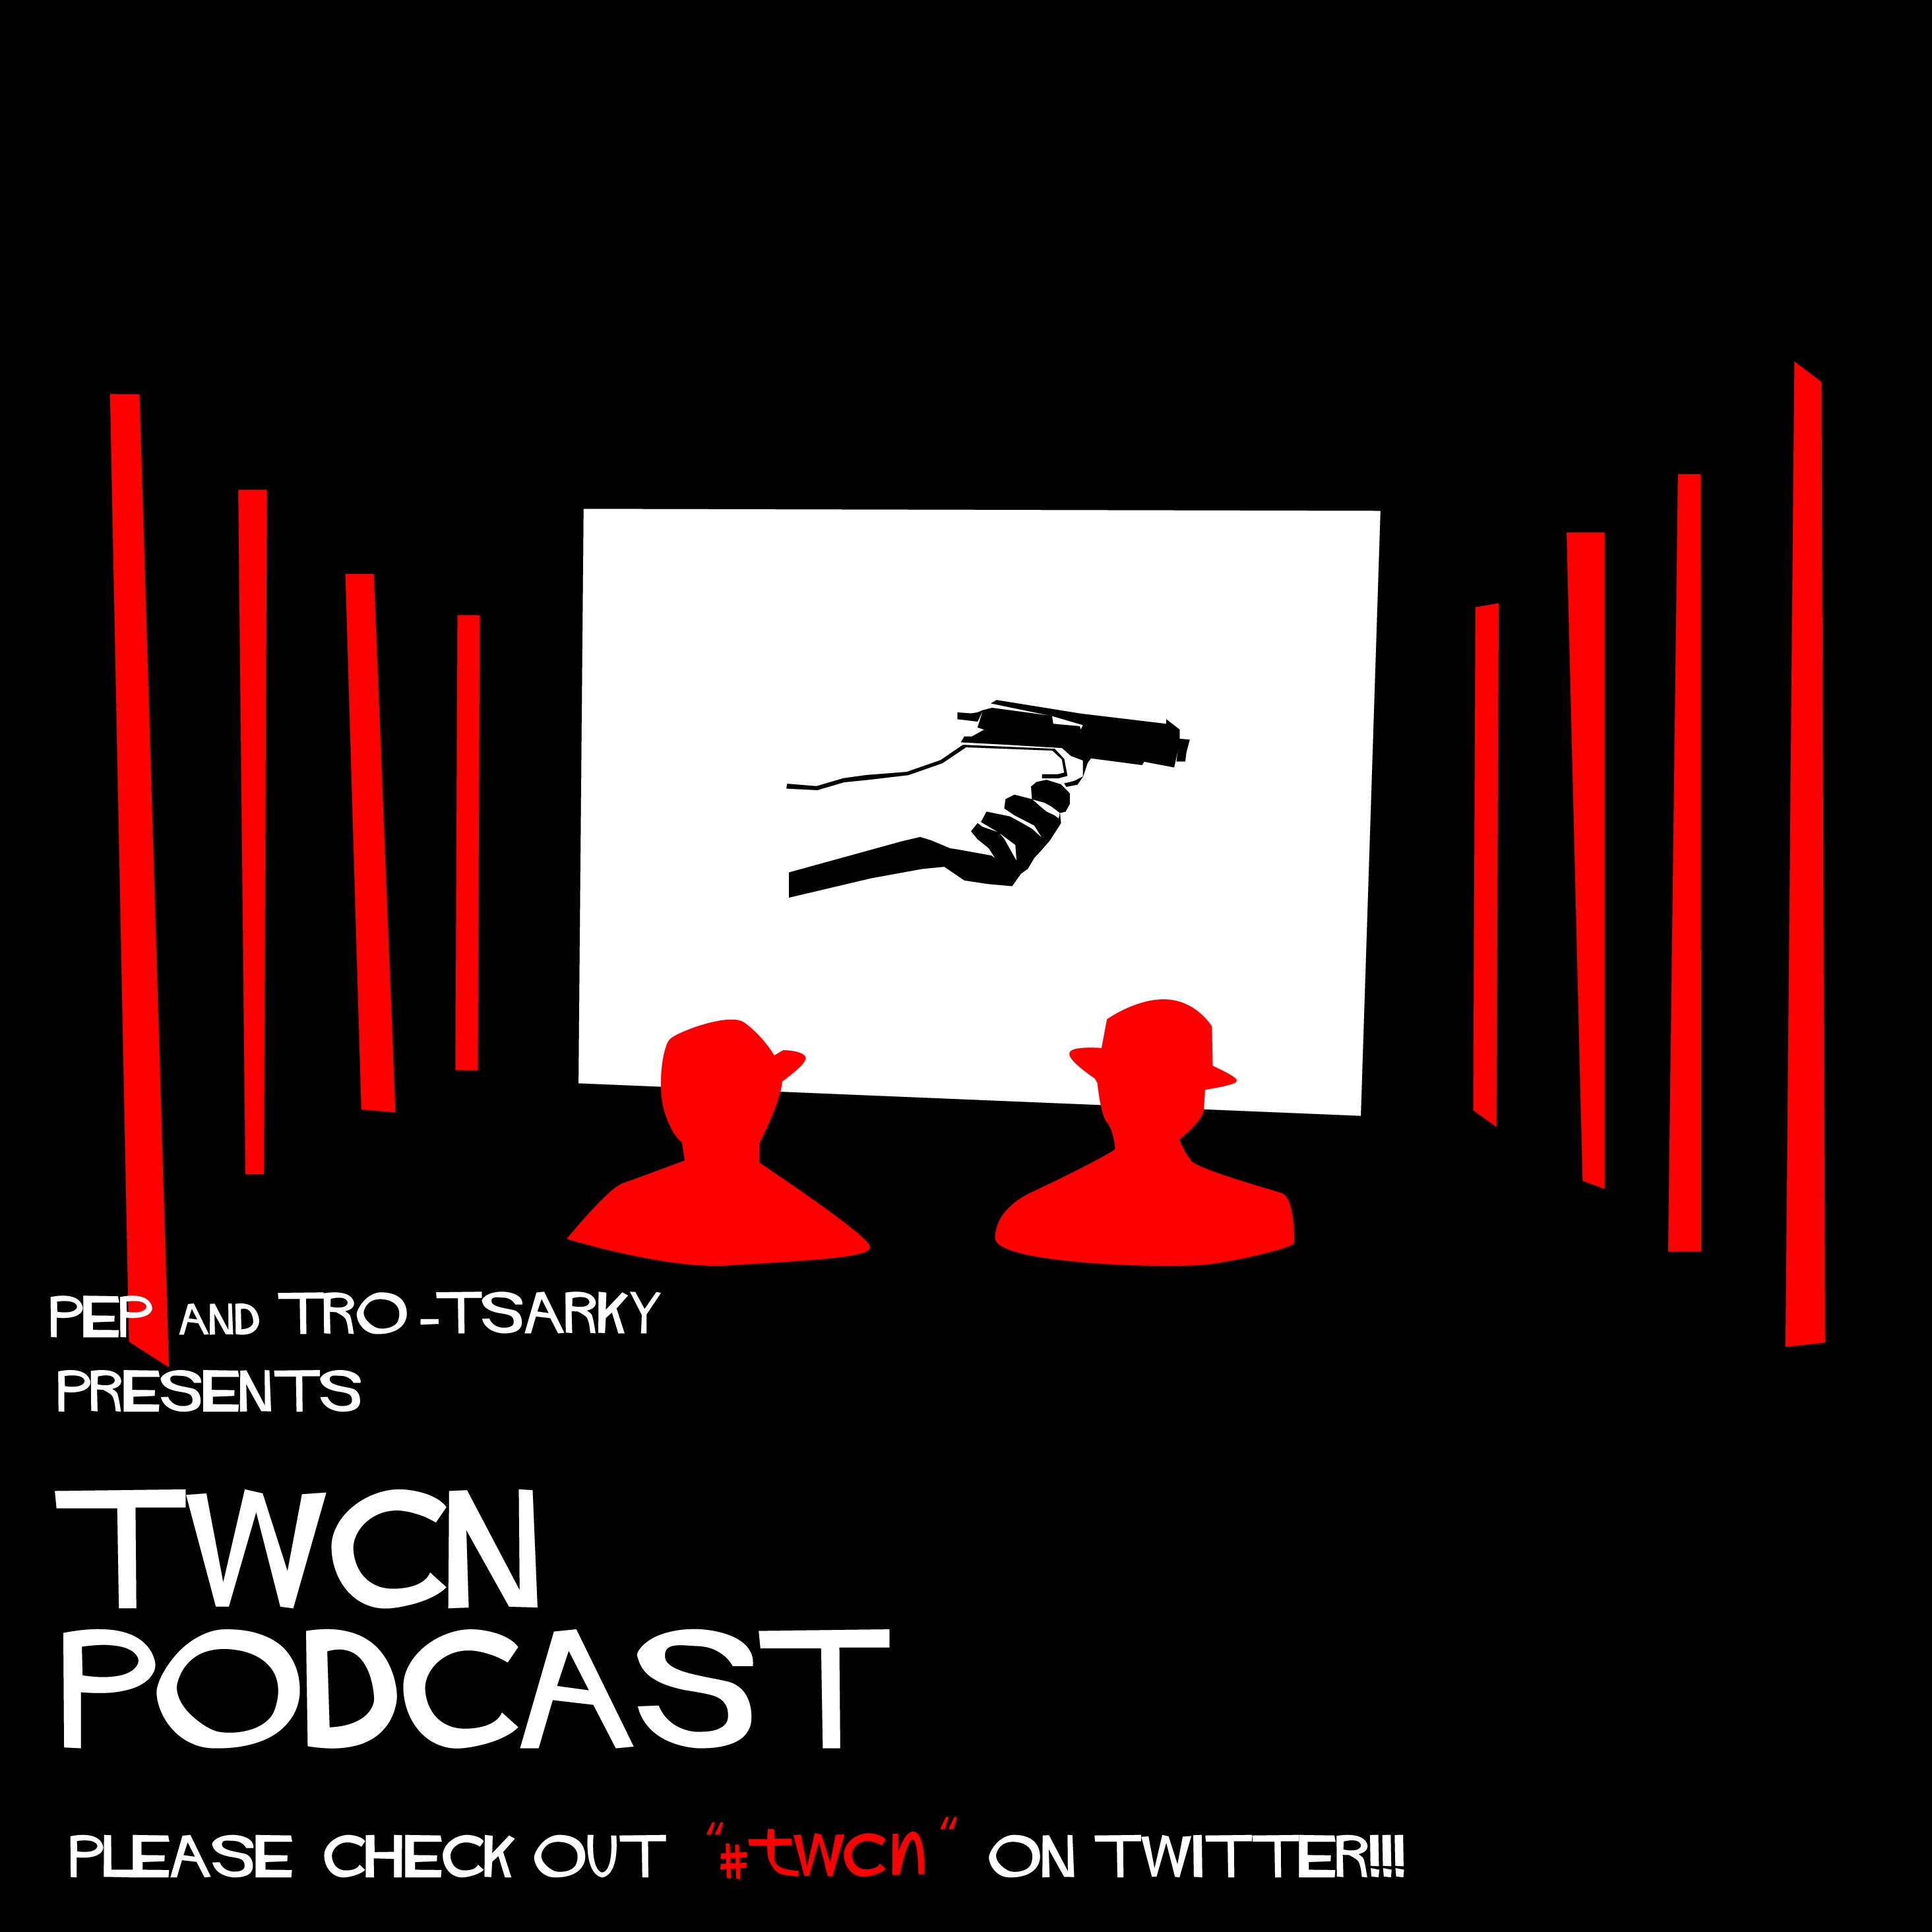 ツイシネ( #twcn )Podcast【映画のポッドキャスト】